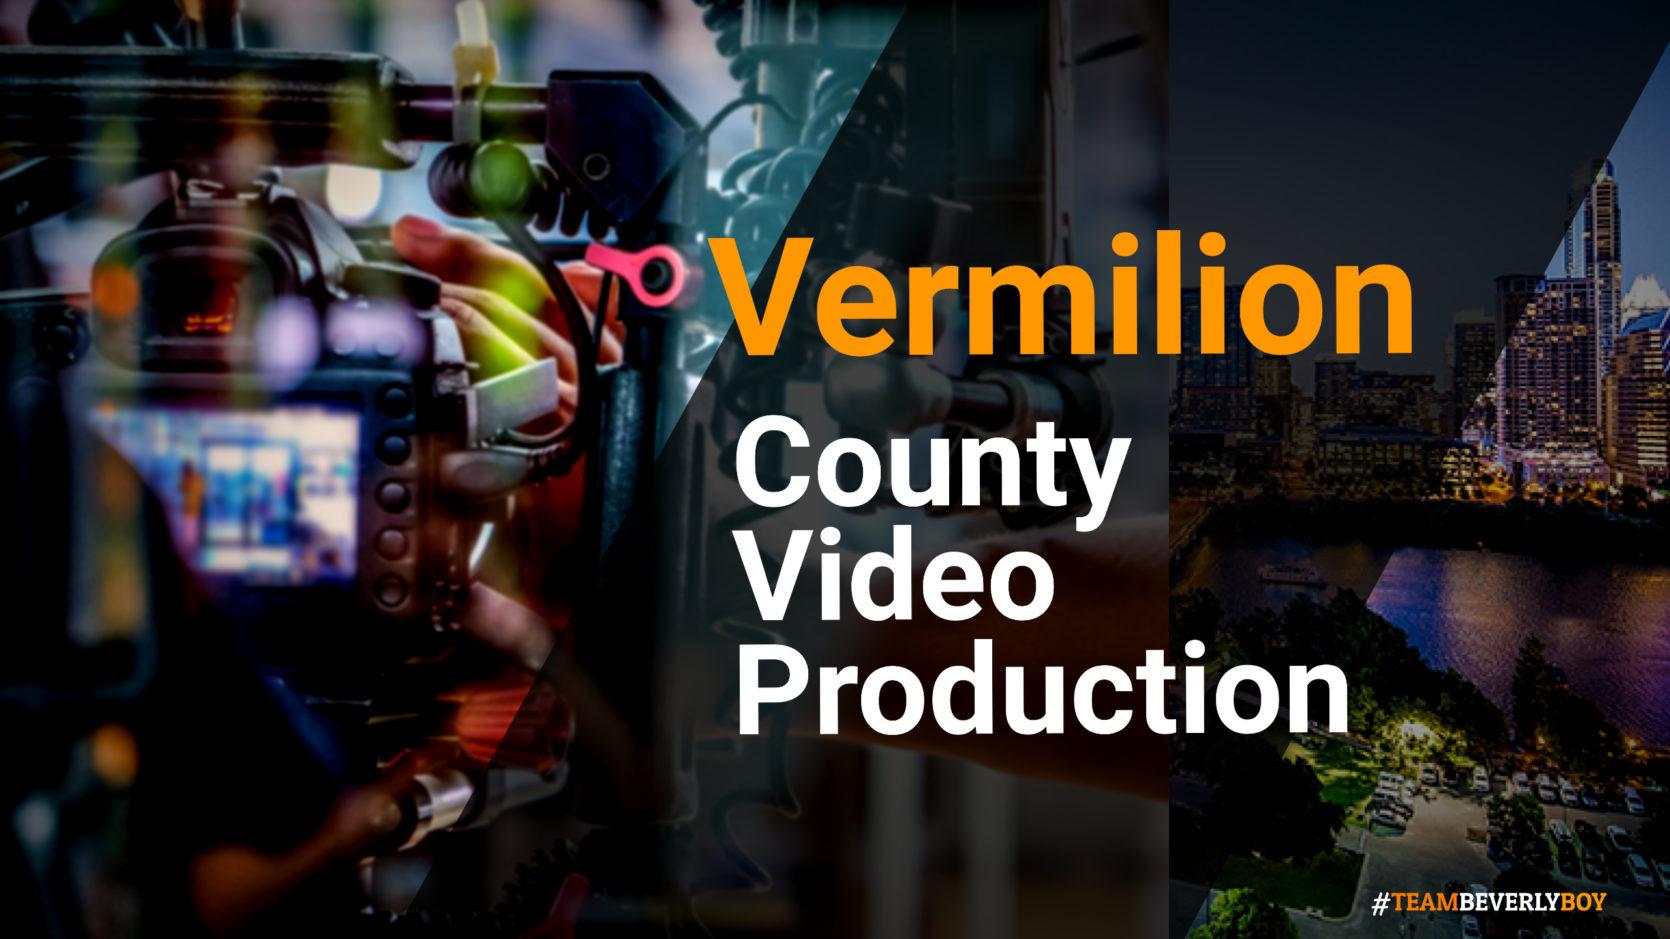 Vermilion County video production